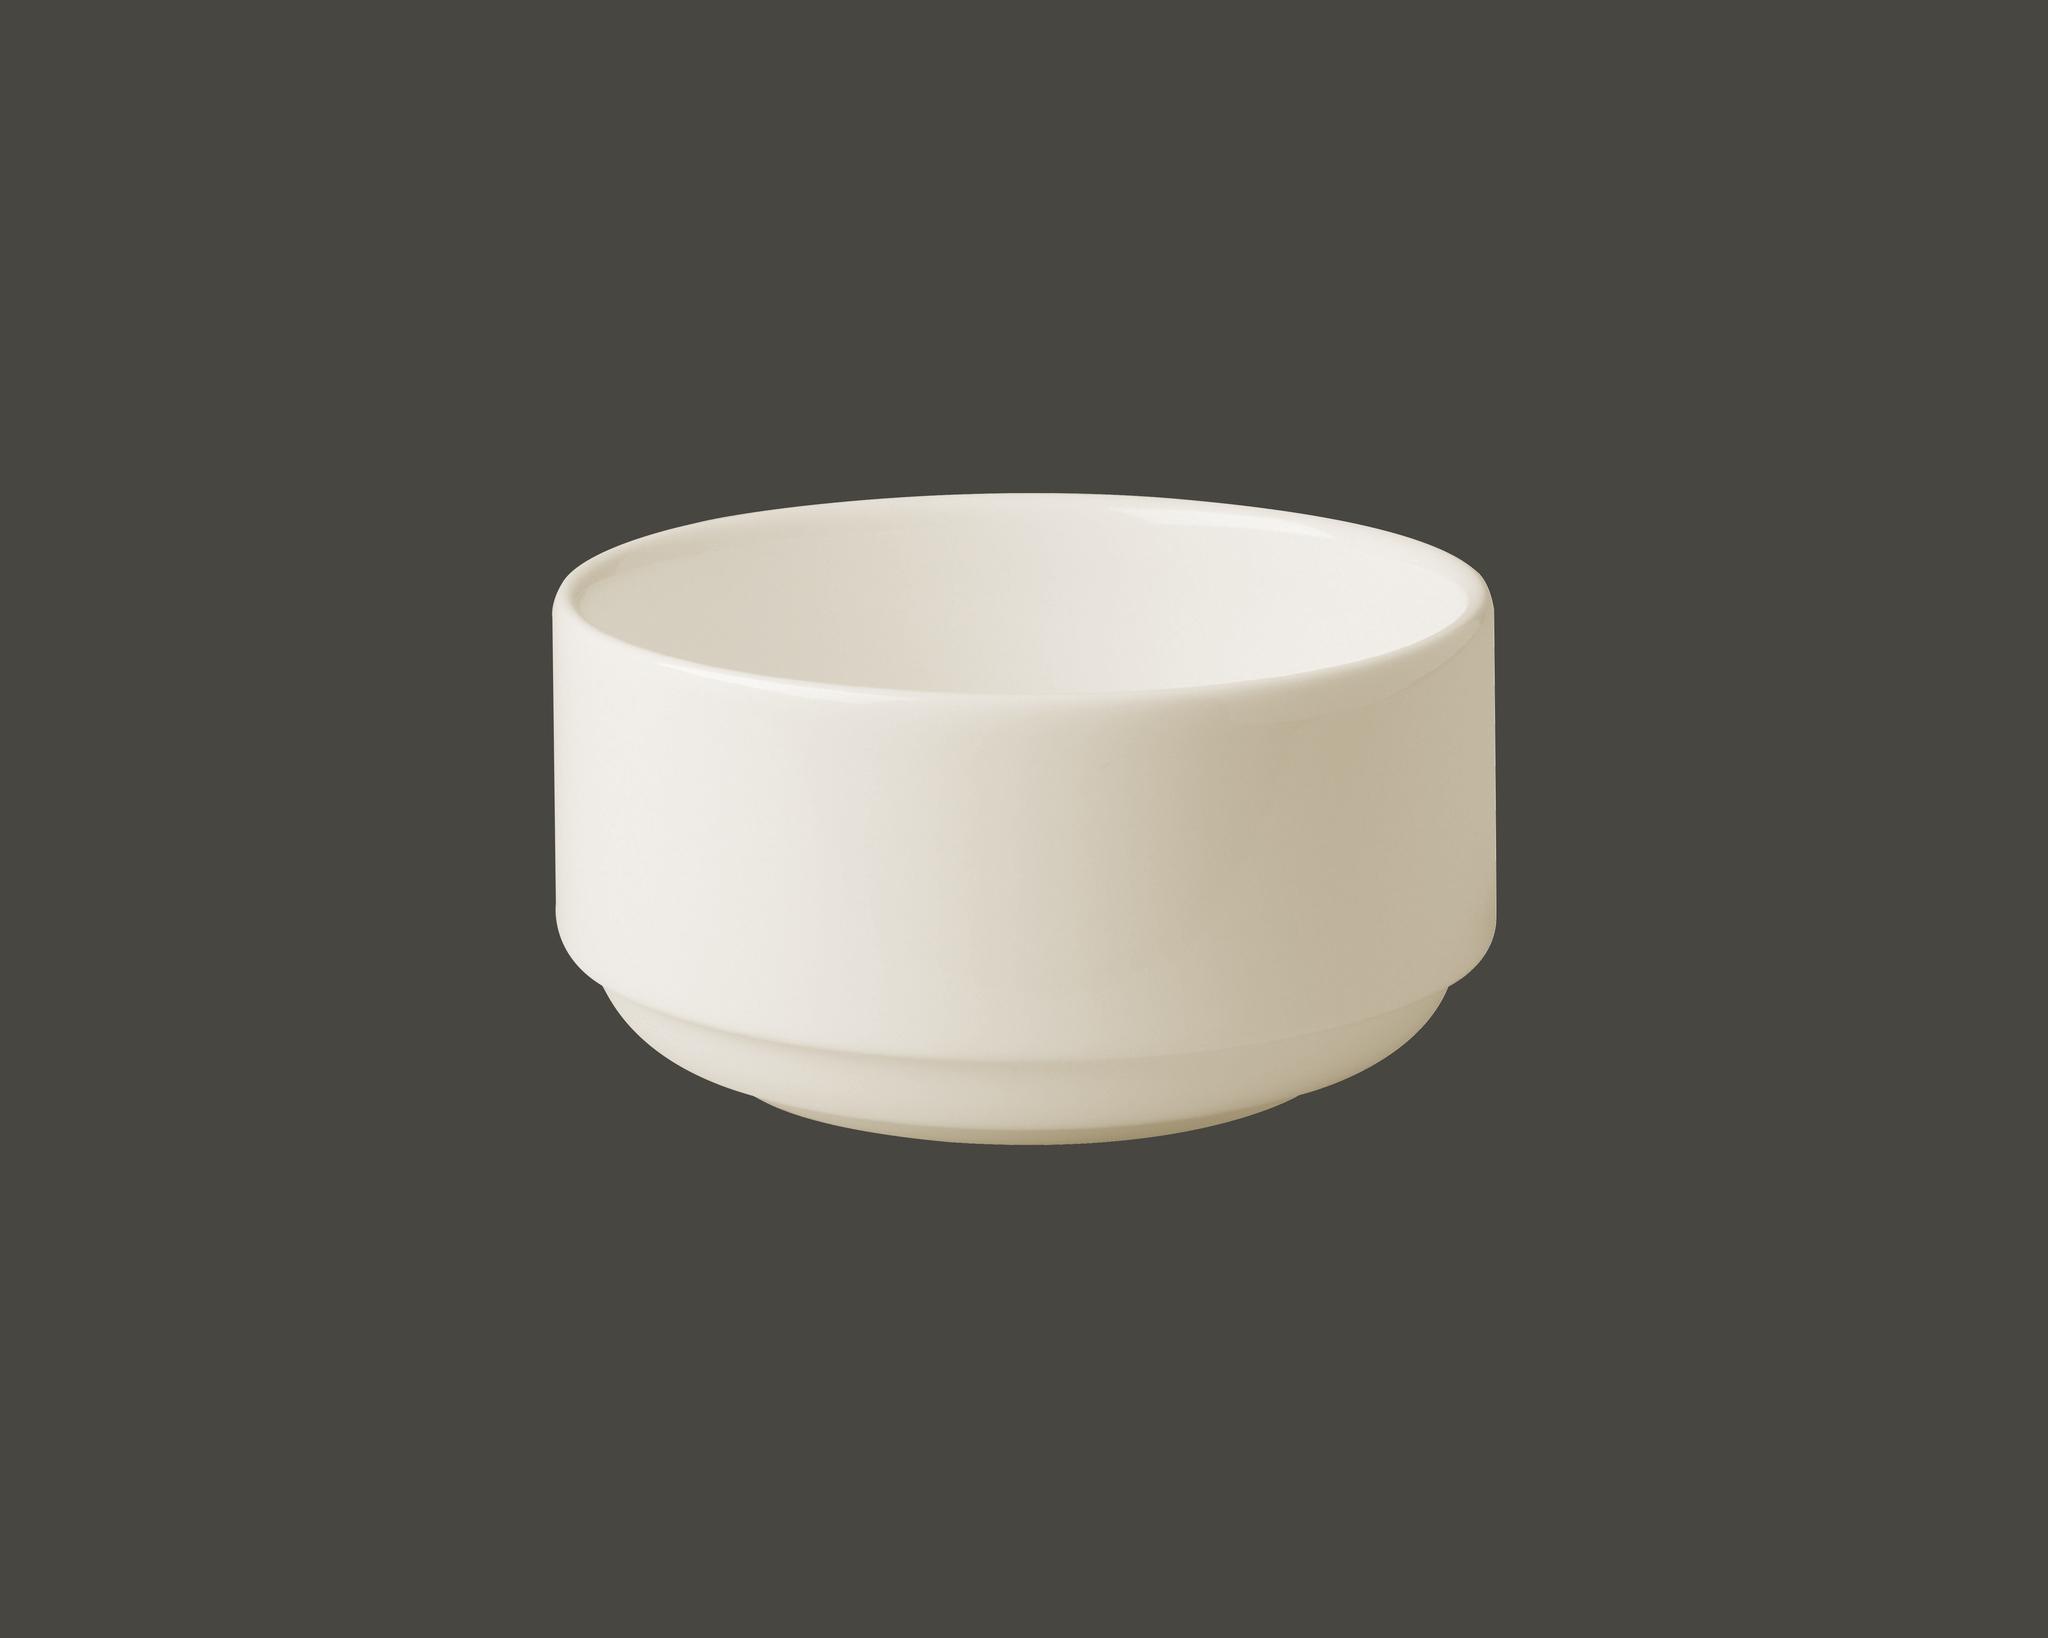 Bowl 12cm, stapelbar Porzellan Banquet RAK